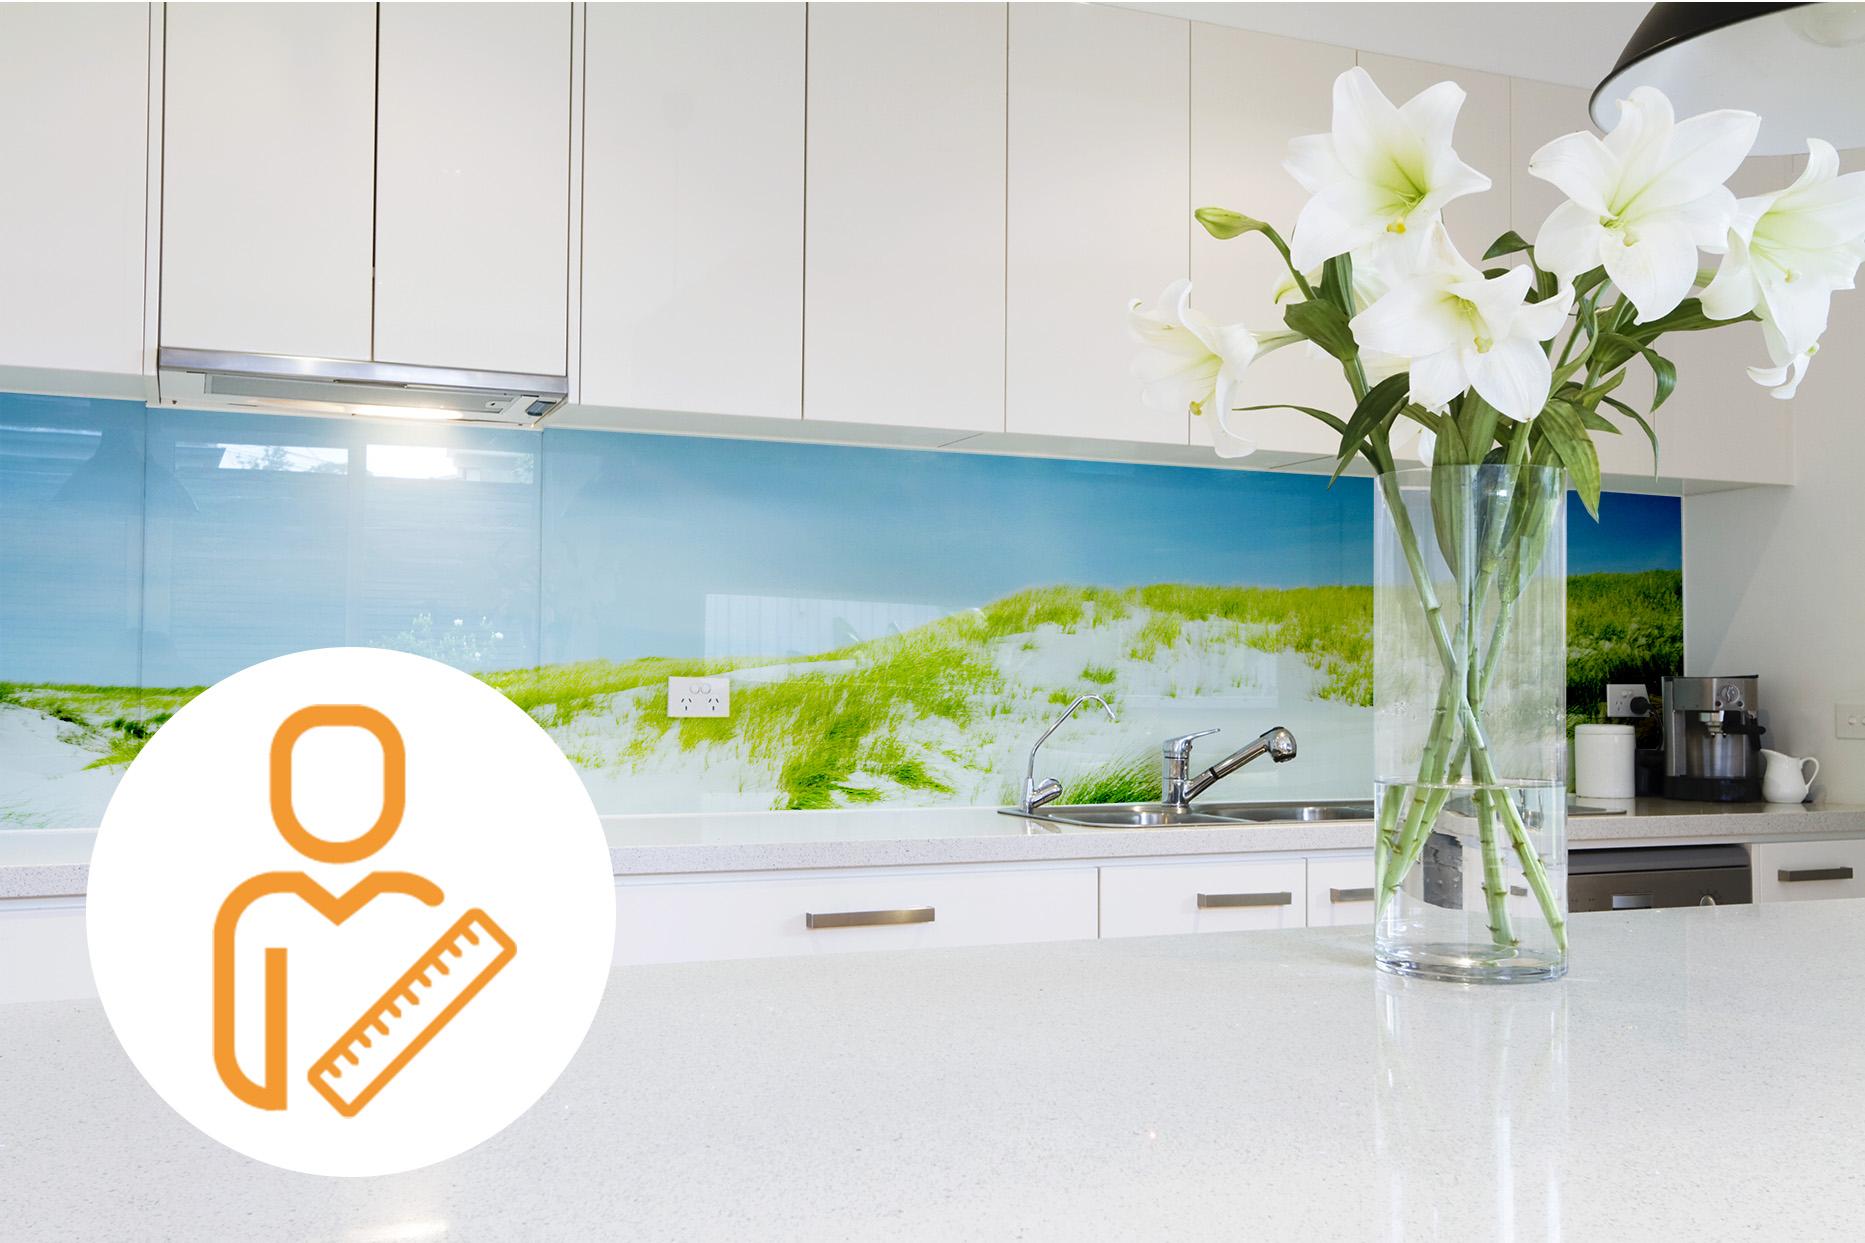 Full Size of Glaswand Küche Preis Glaswand Küche Wohnzimmer Glaswand Küche Montage Glaswand Küche Reinigen Küche Glaswand Küche